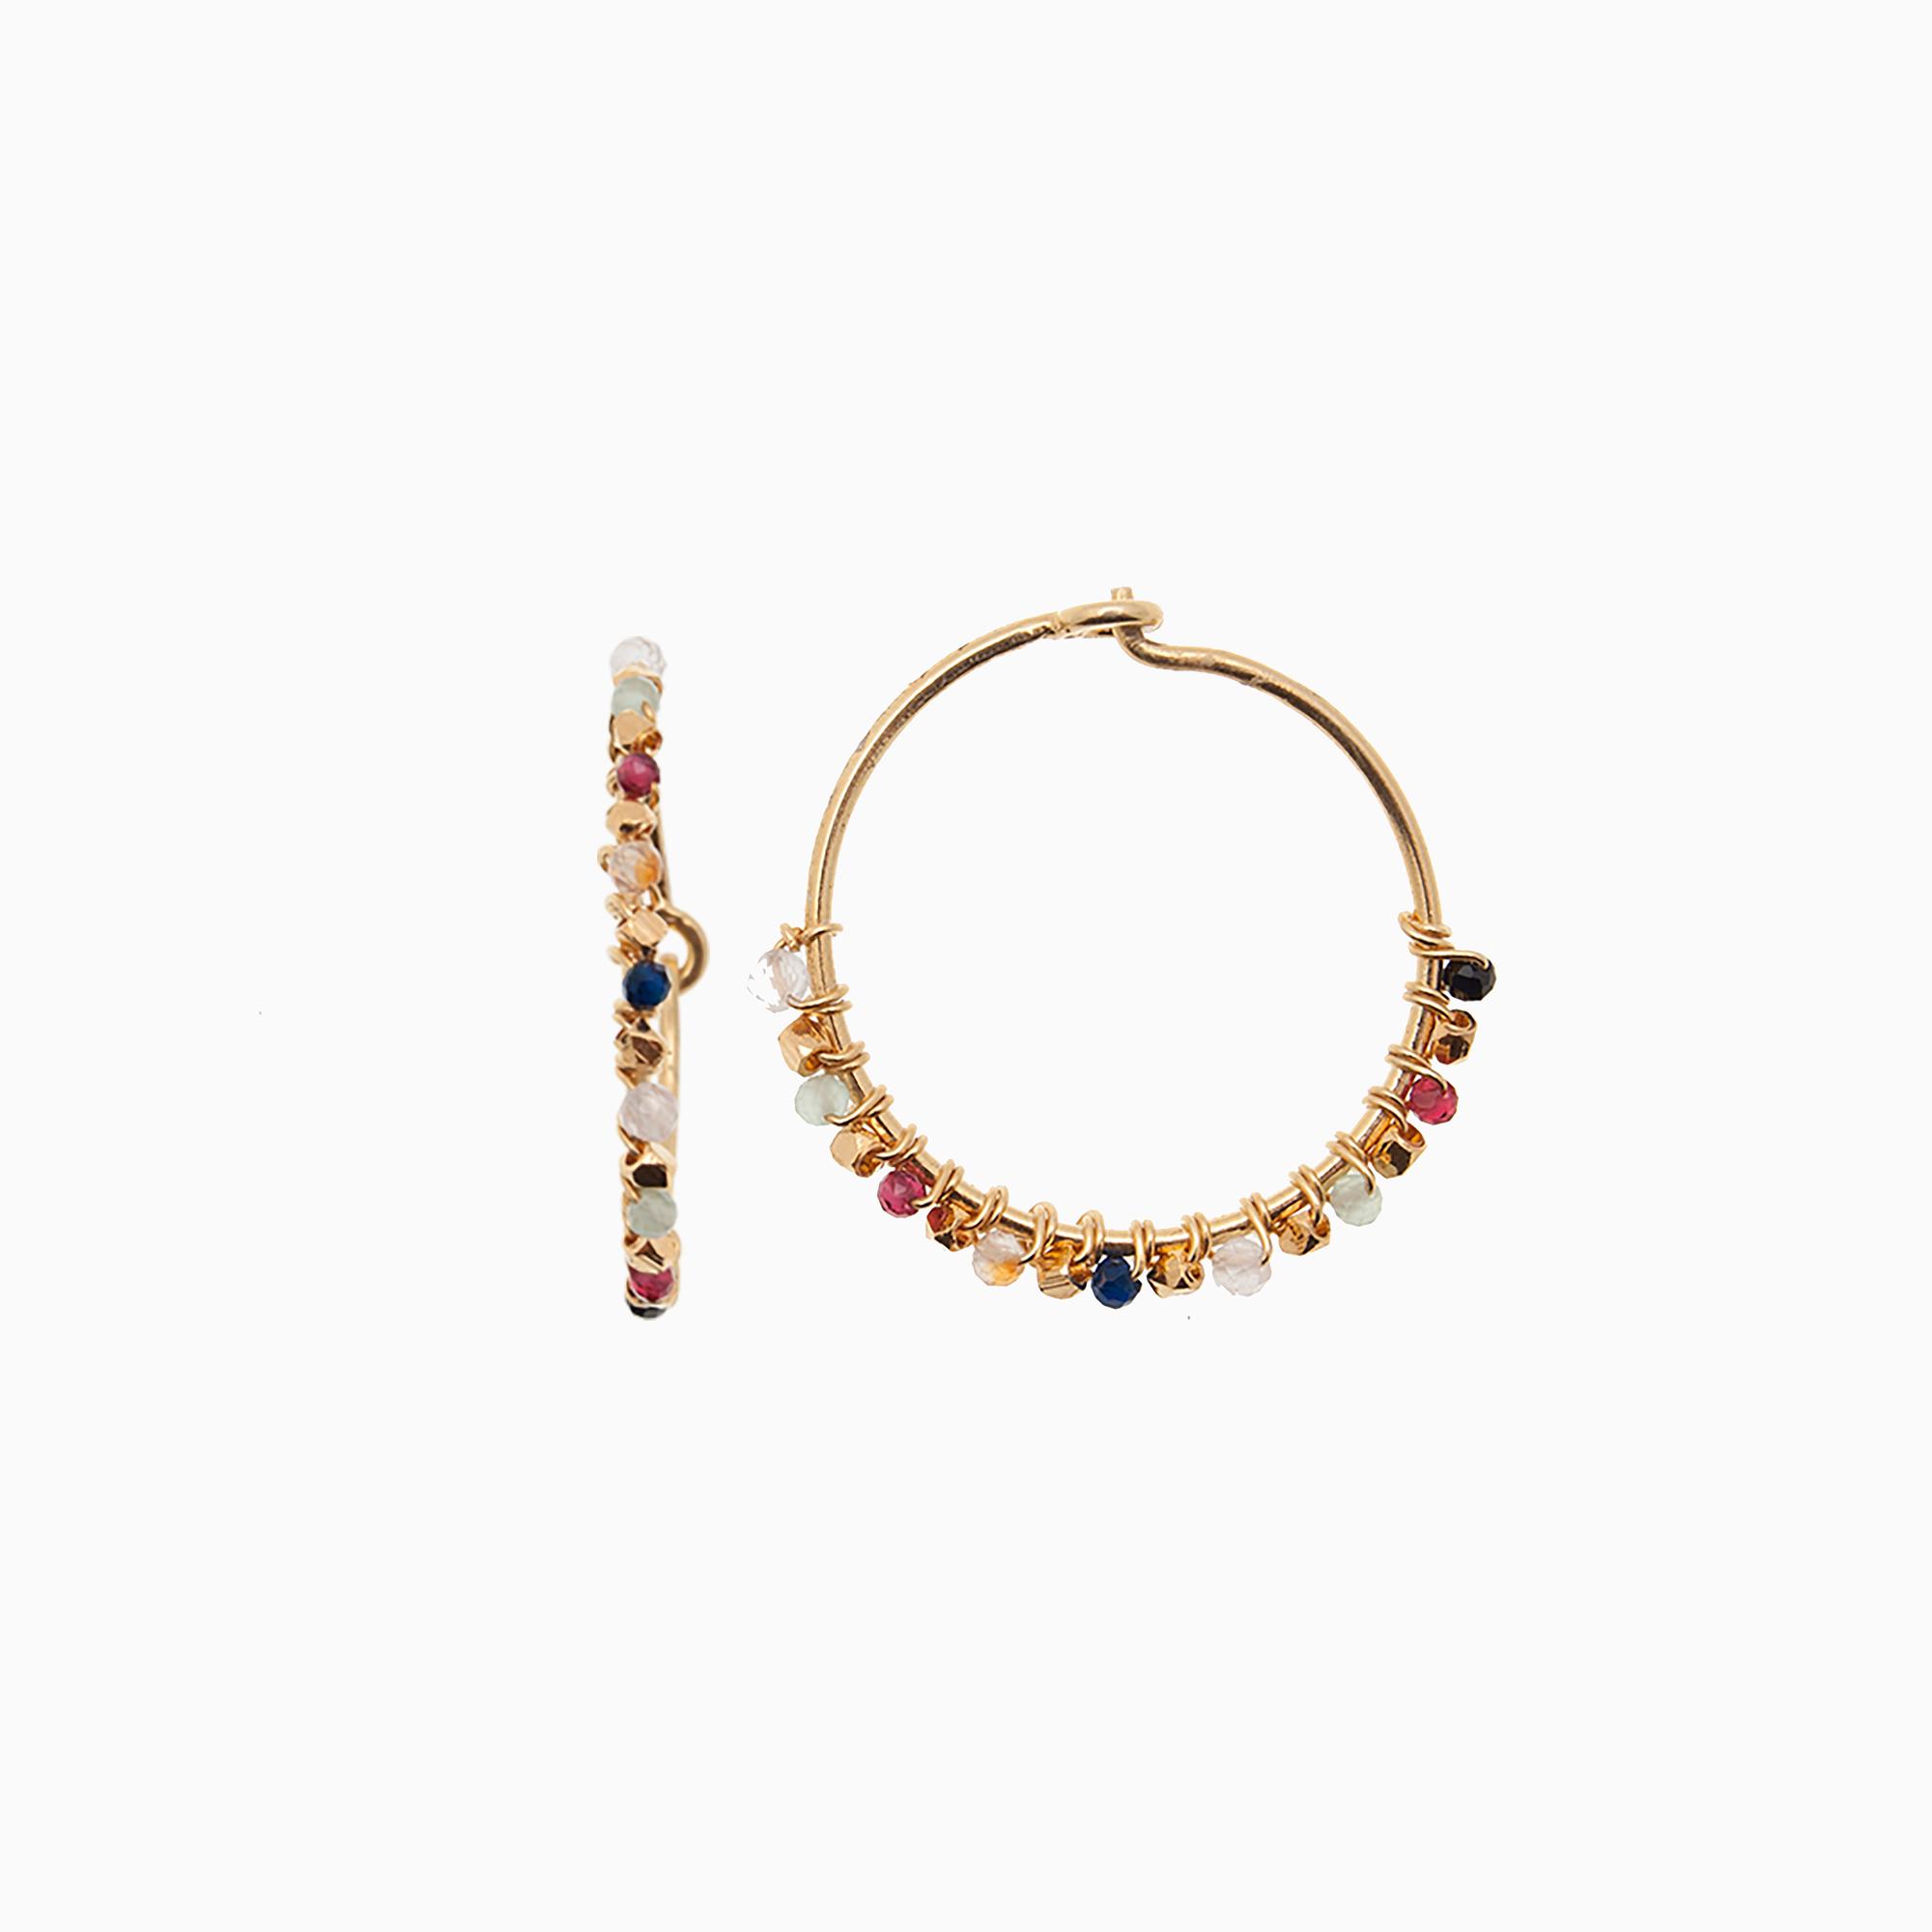 Runde creol øreringe med gemstones, multifarvet | no. 774- DESVÆRRE UDSOLGT